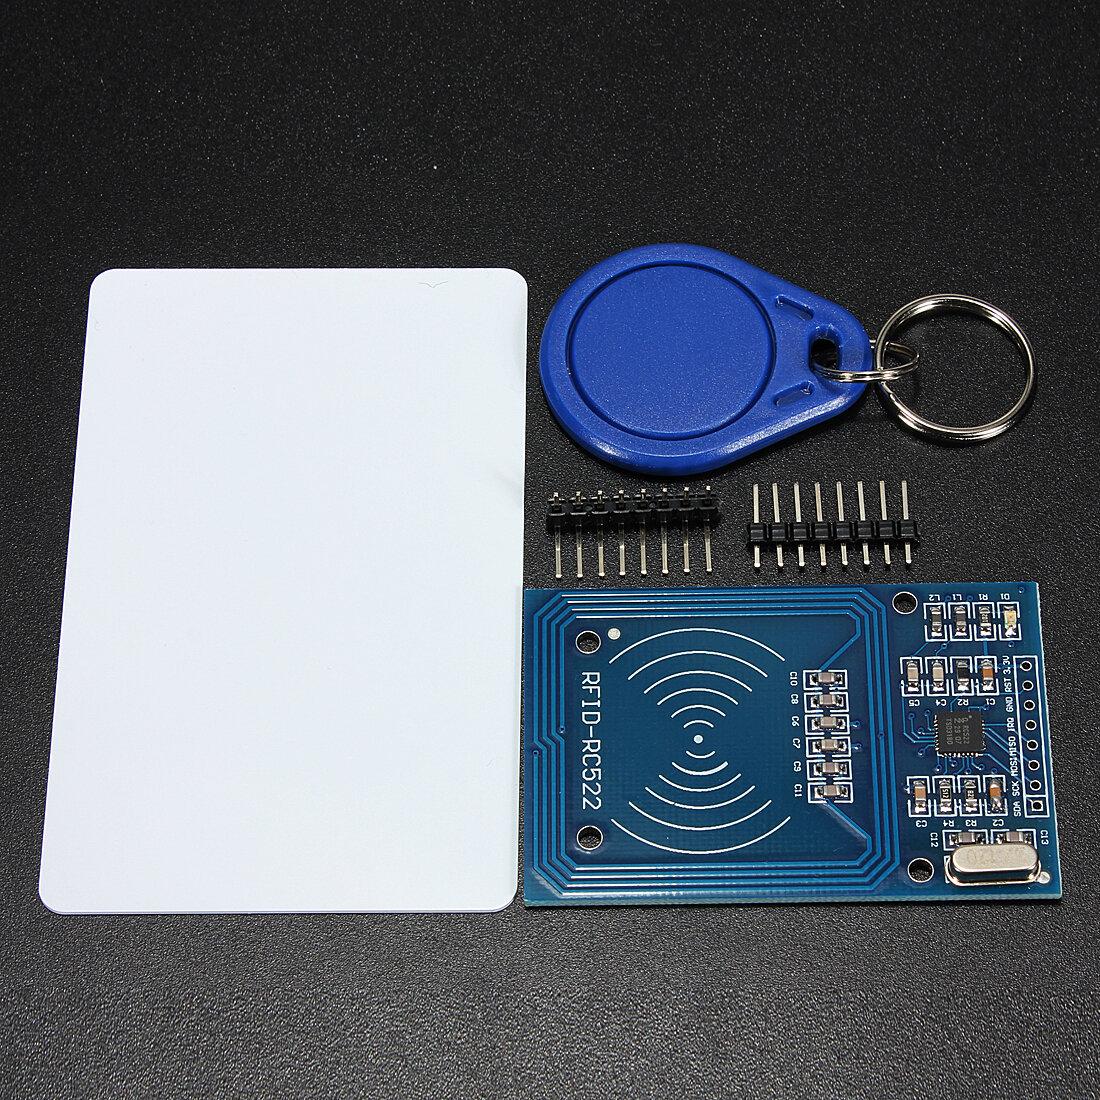 3.3V RC522 Chip IC-kort Induktionsmodul RFID Reader 13.56MHz 10Mbit / s